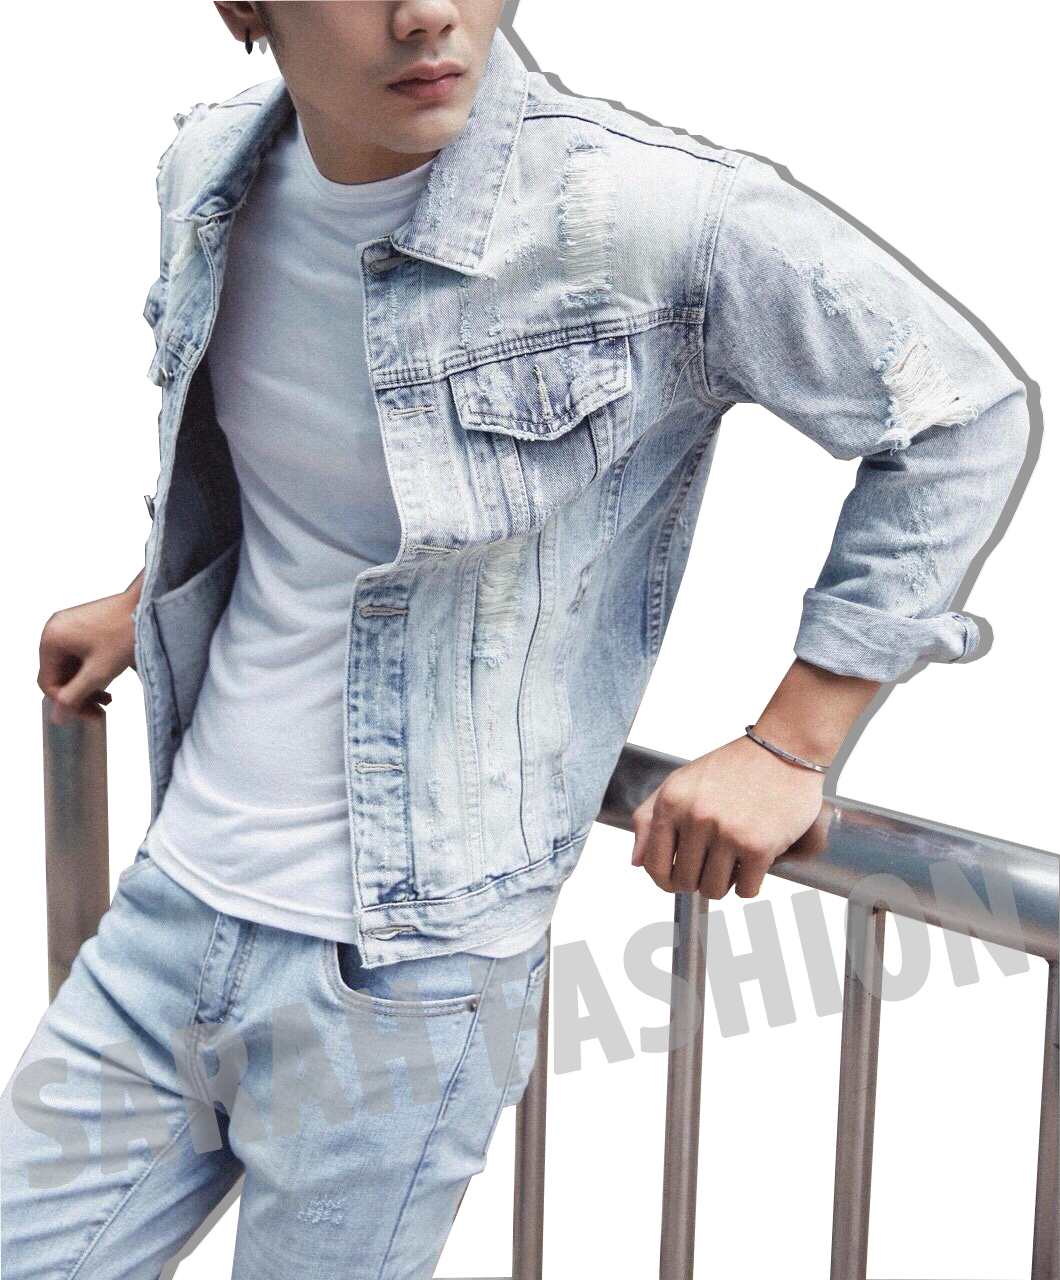 Áo khoác jean nam form rộng chất – áo khoác jean nam hàn quốc, áo khoác jean nam màu xanh thời trang SARAHFASHION – akjnsar002